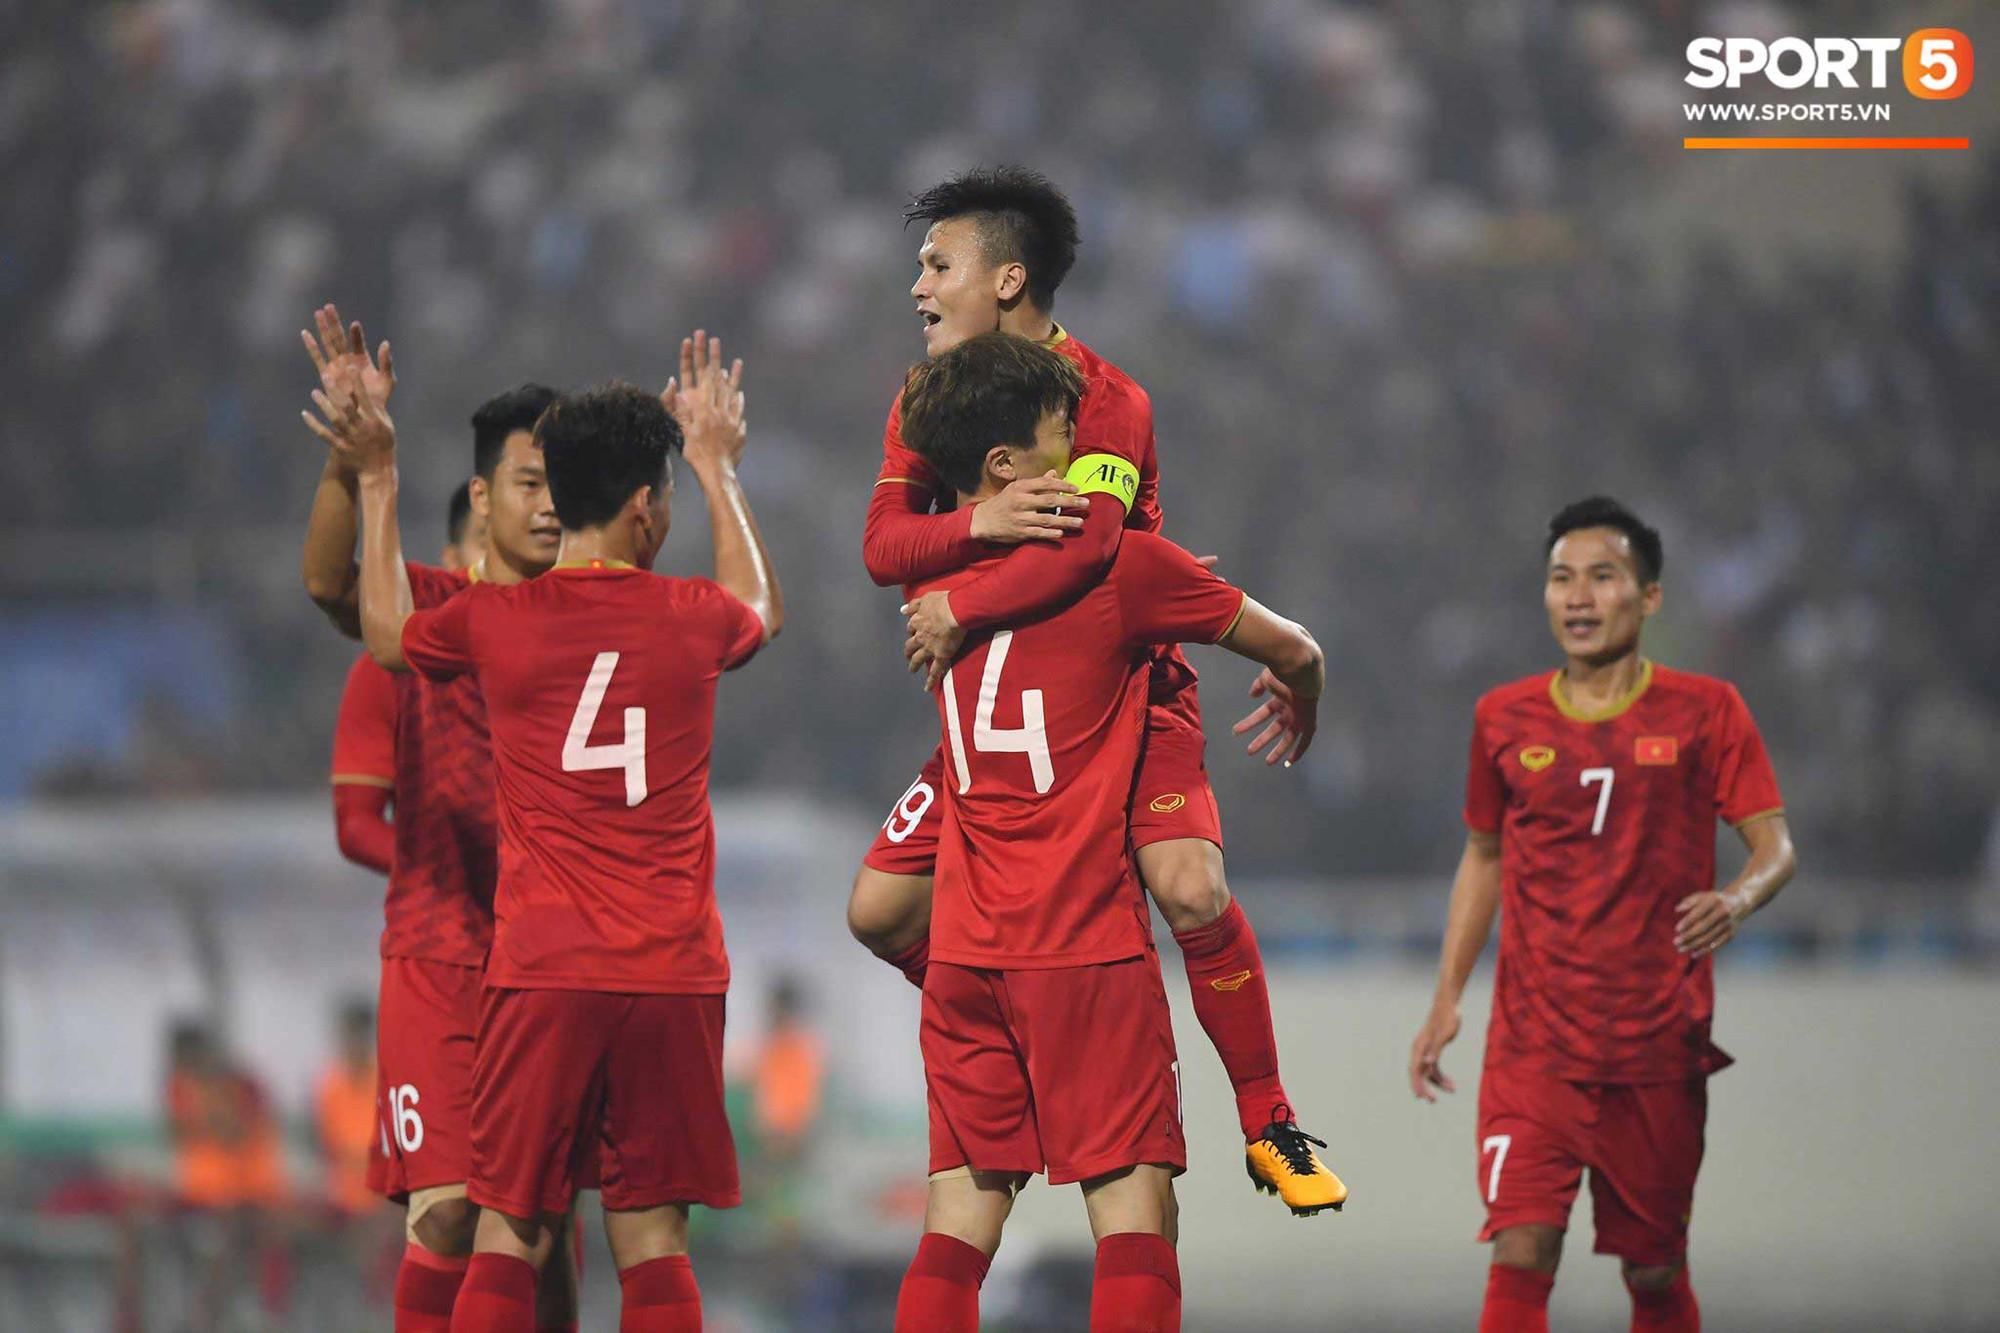 Đến HLV của U23 Thái Lan cũng phải like pha đi bóng và kiến tạo ảo diệu của Quang Hải-3